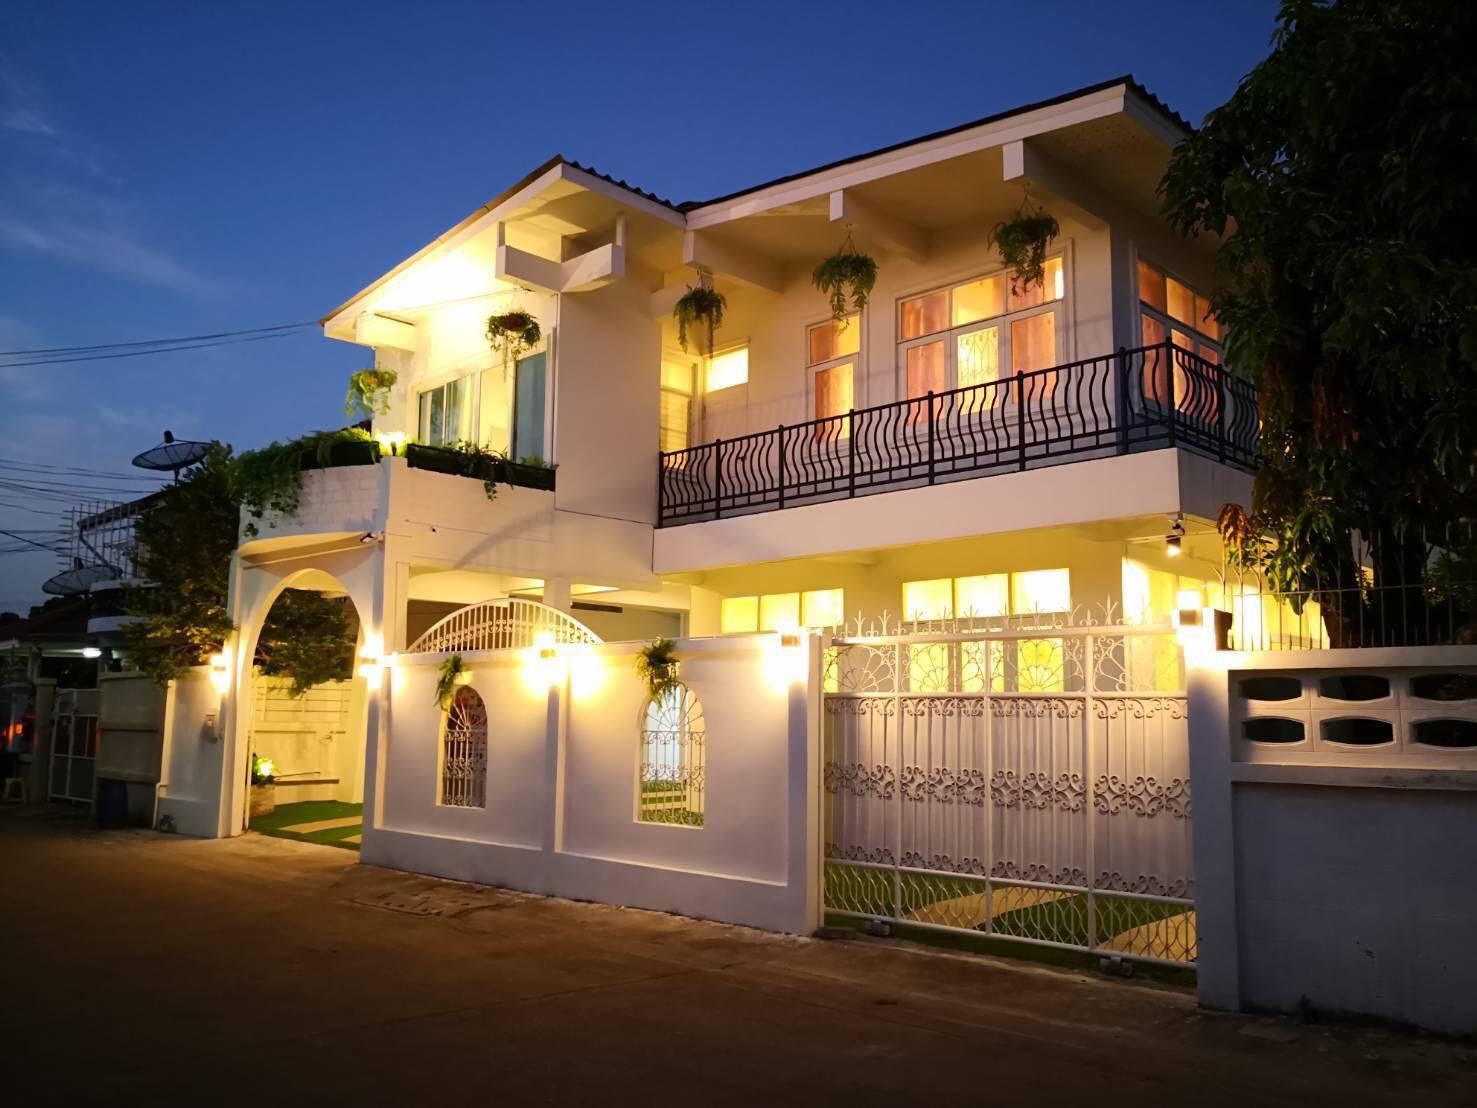 ภาพขายบ้านเดี่ยว 2 ชั้น 64 ตร.วา. ใกล้นิชดาธานี ซอยสามัคคี 34 ปากเกร็ด นนทบุรี